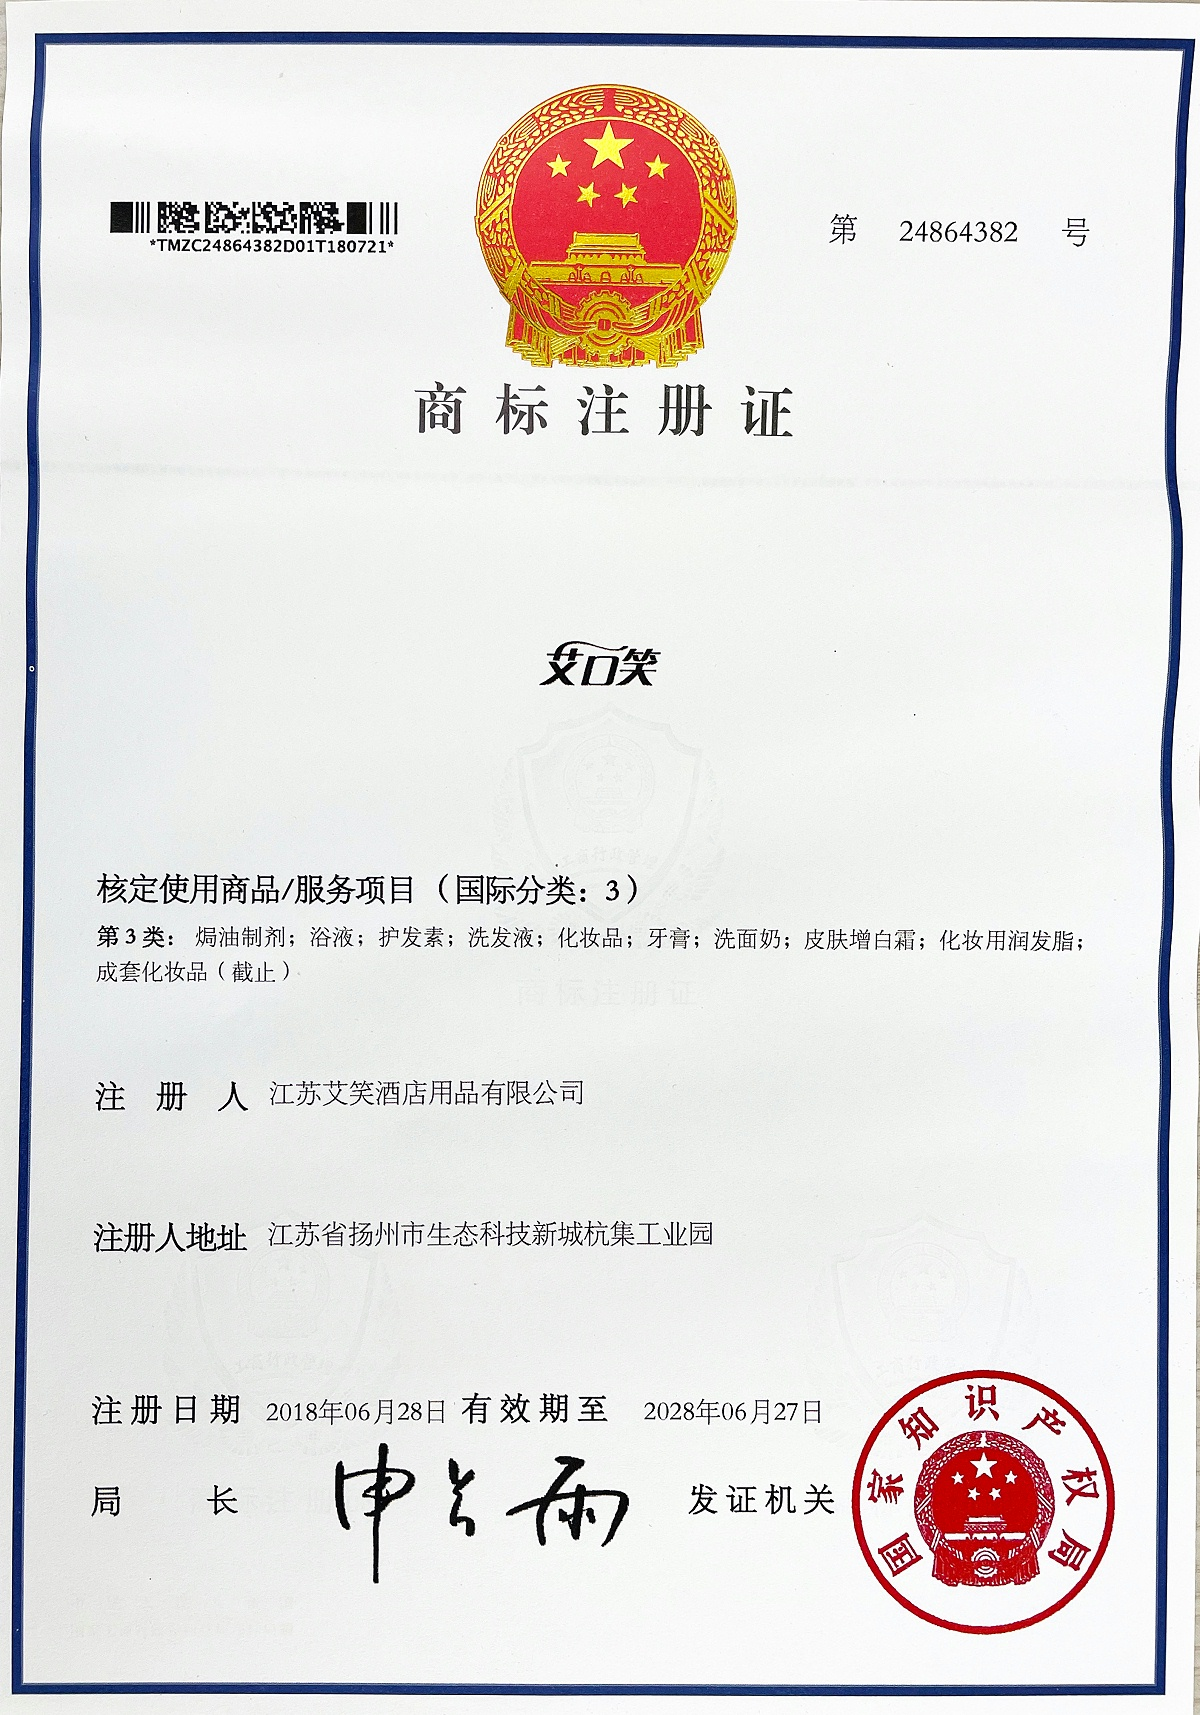 艾口笑商标注册证